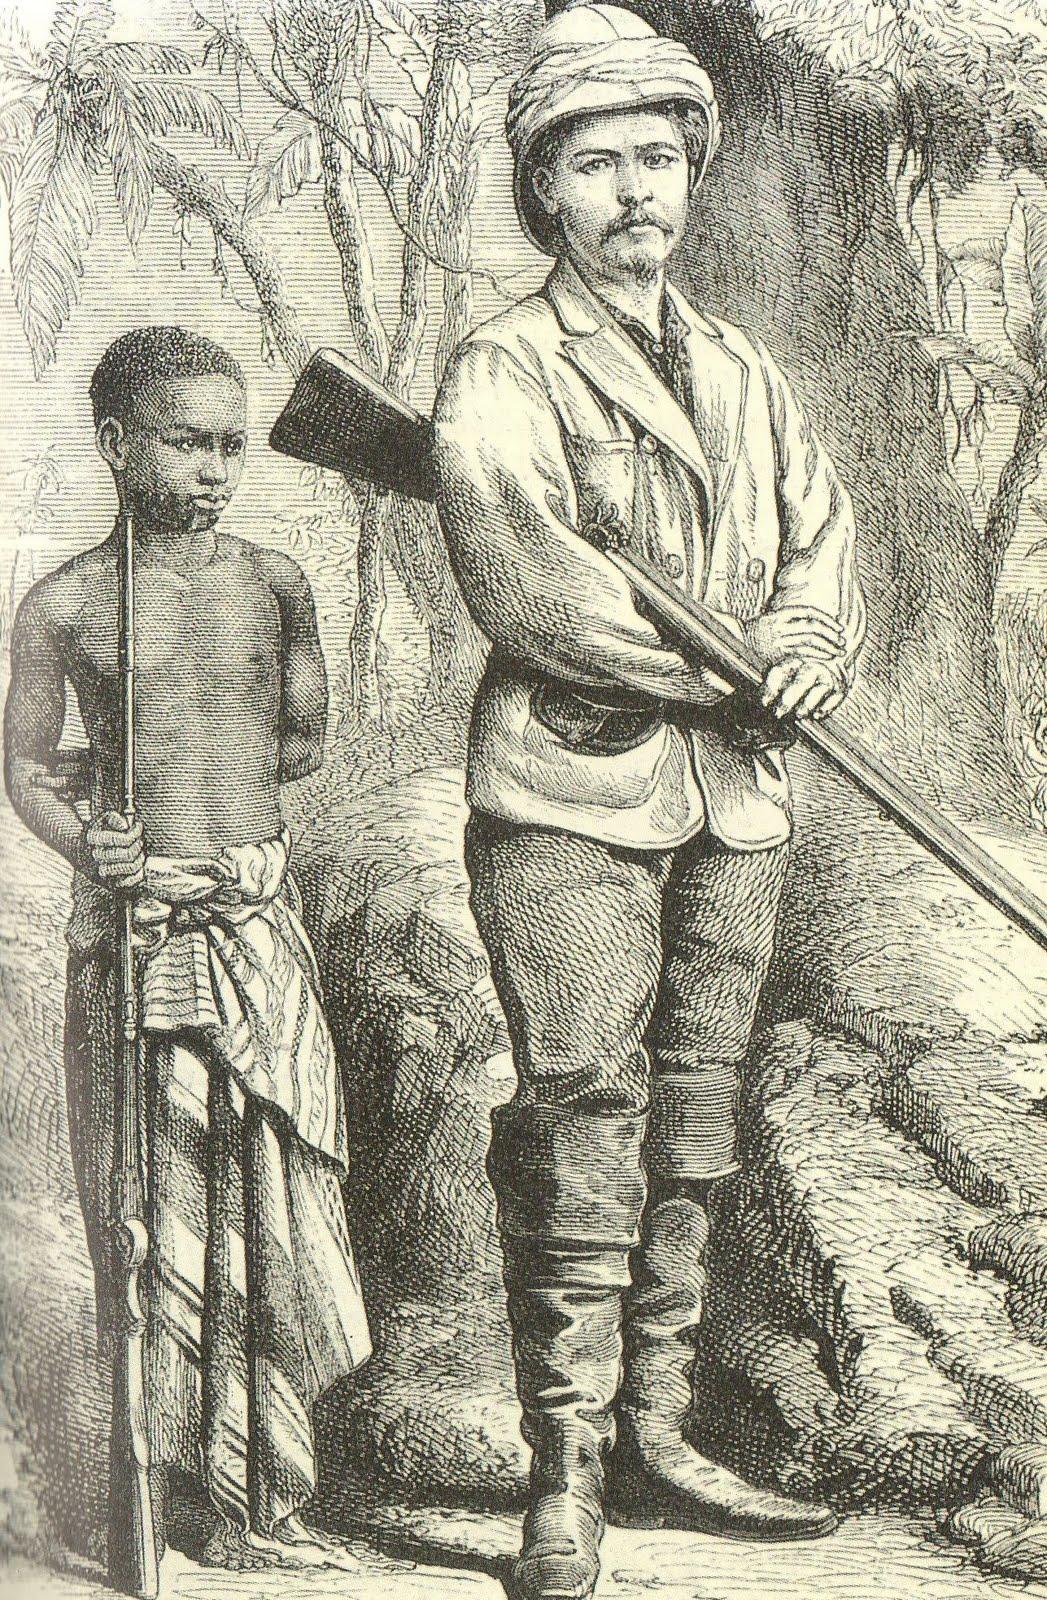 Investiguemos sobre...: Imágenes colonialismo